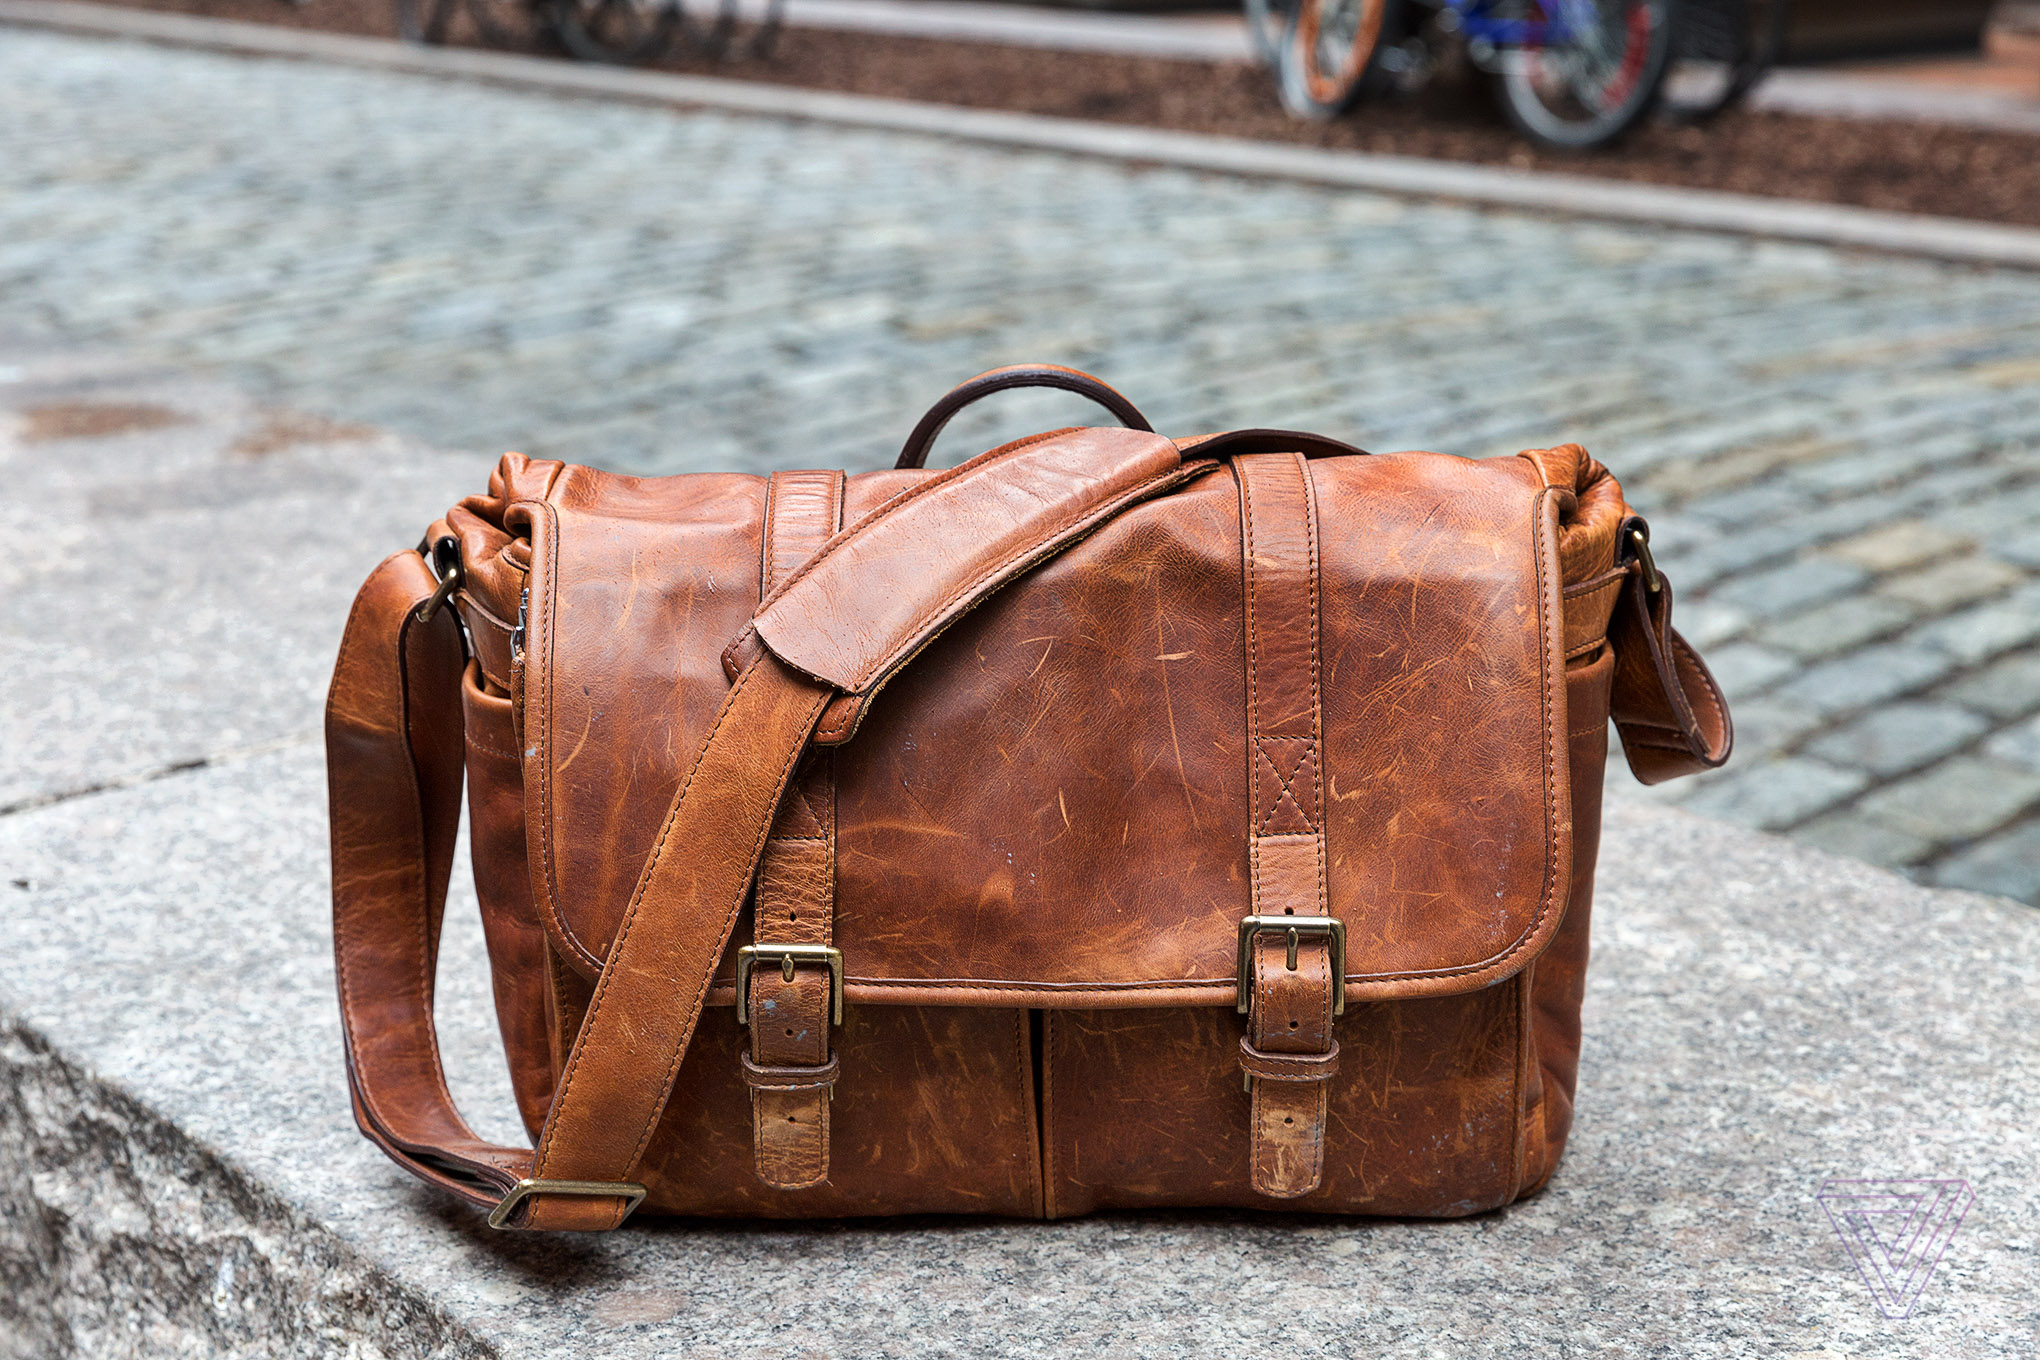 62eeeb57ff Bag Reviews - The Verge